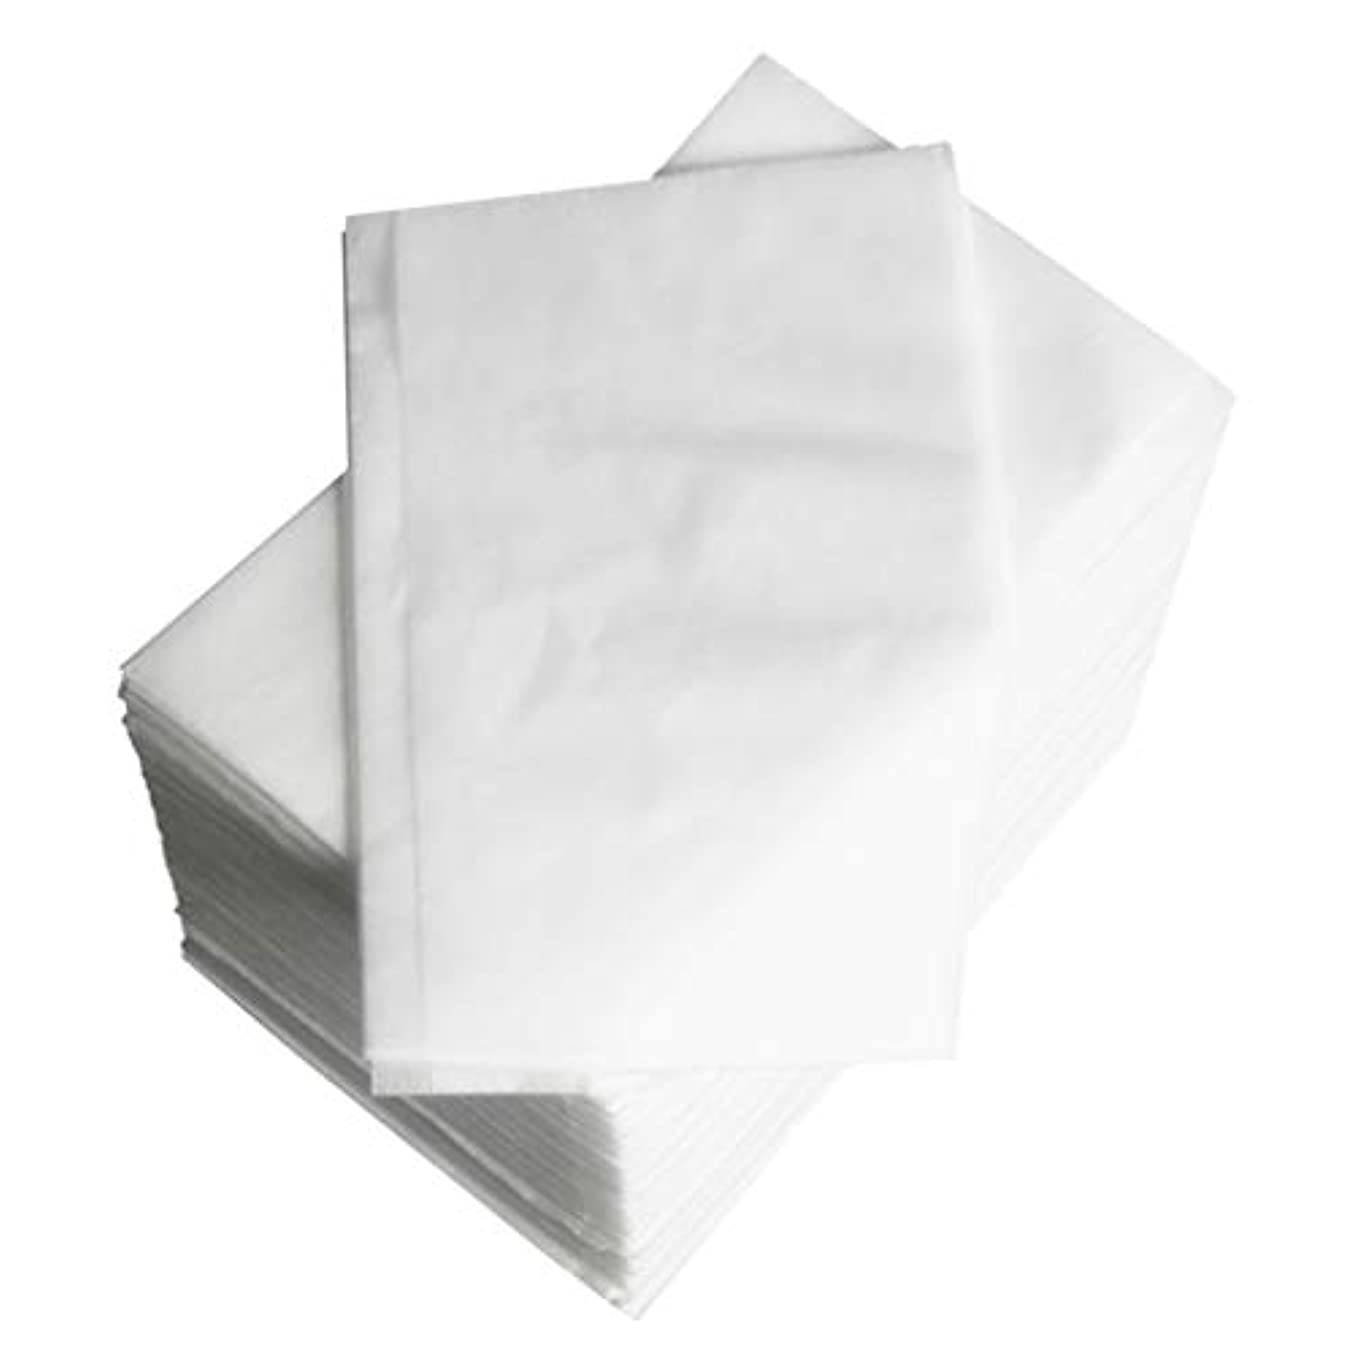 ミキサーサーキットに行く意図するchiwanji マッサージ テーブルカバー使い捨て 約100個入り 全2カラー - 白